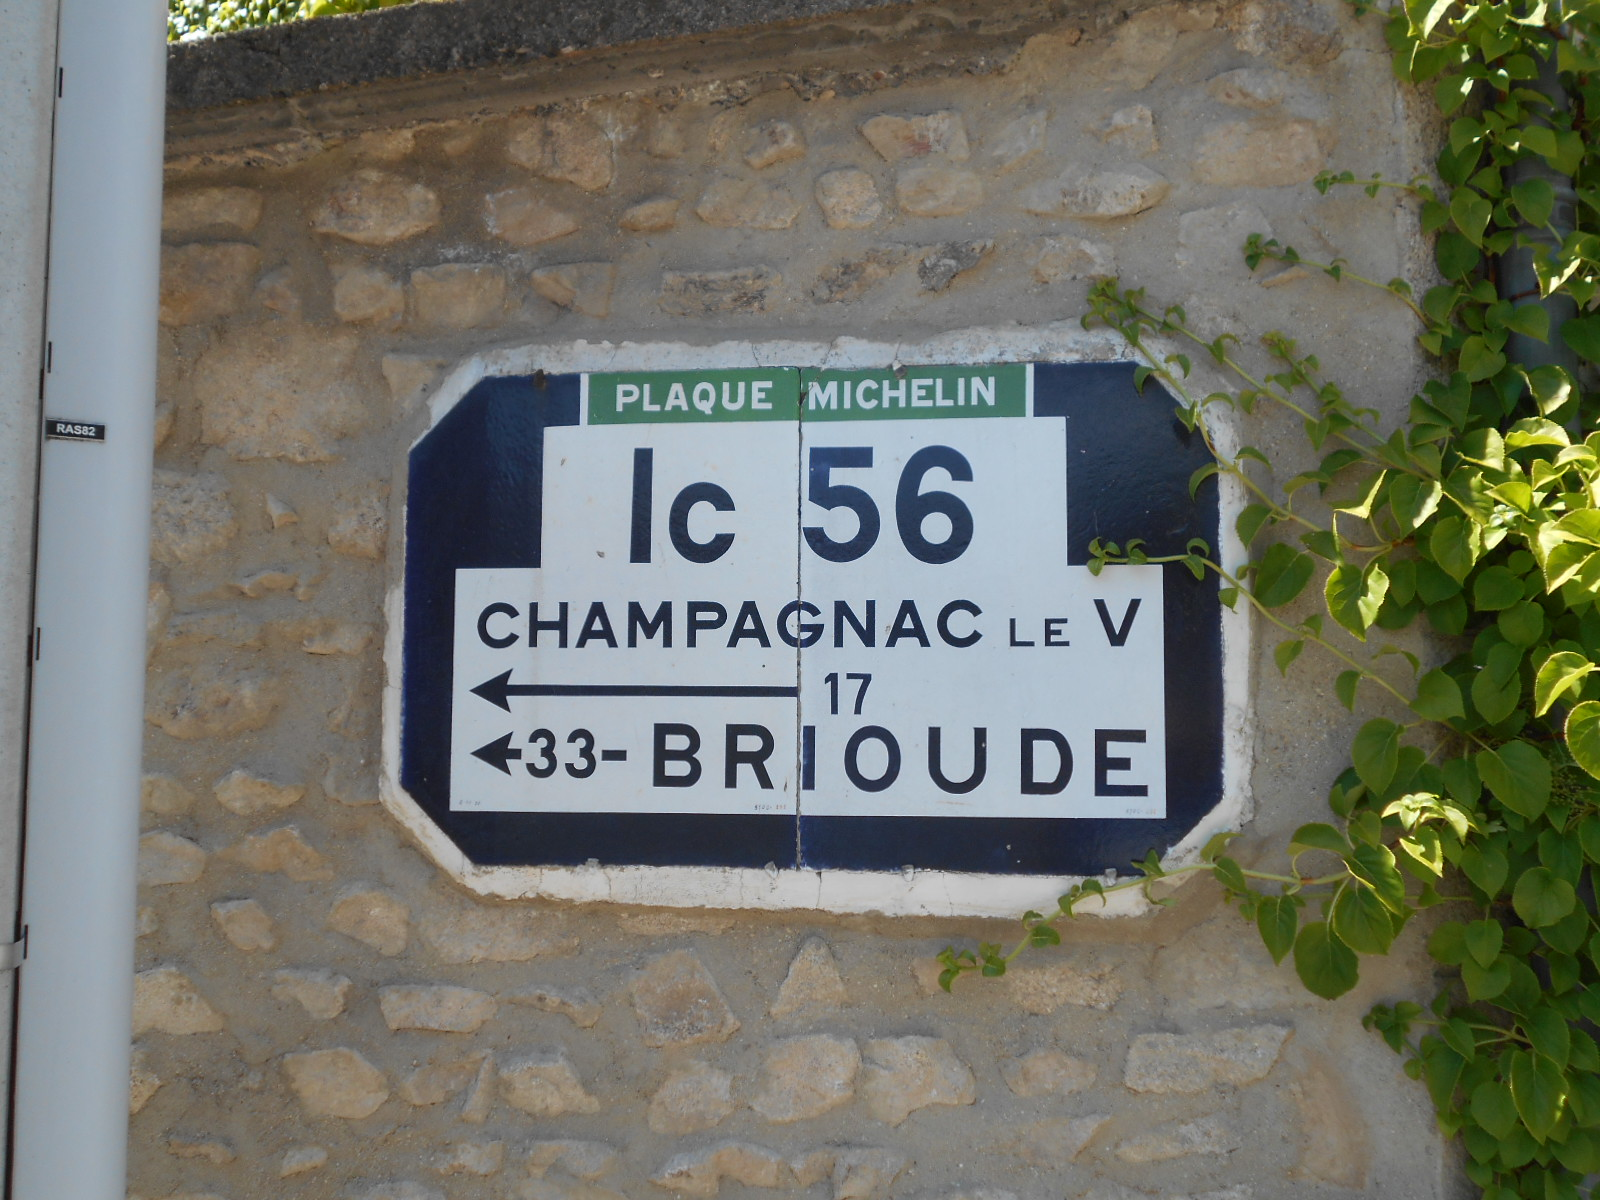 63630 Saint Germain l'Herm